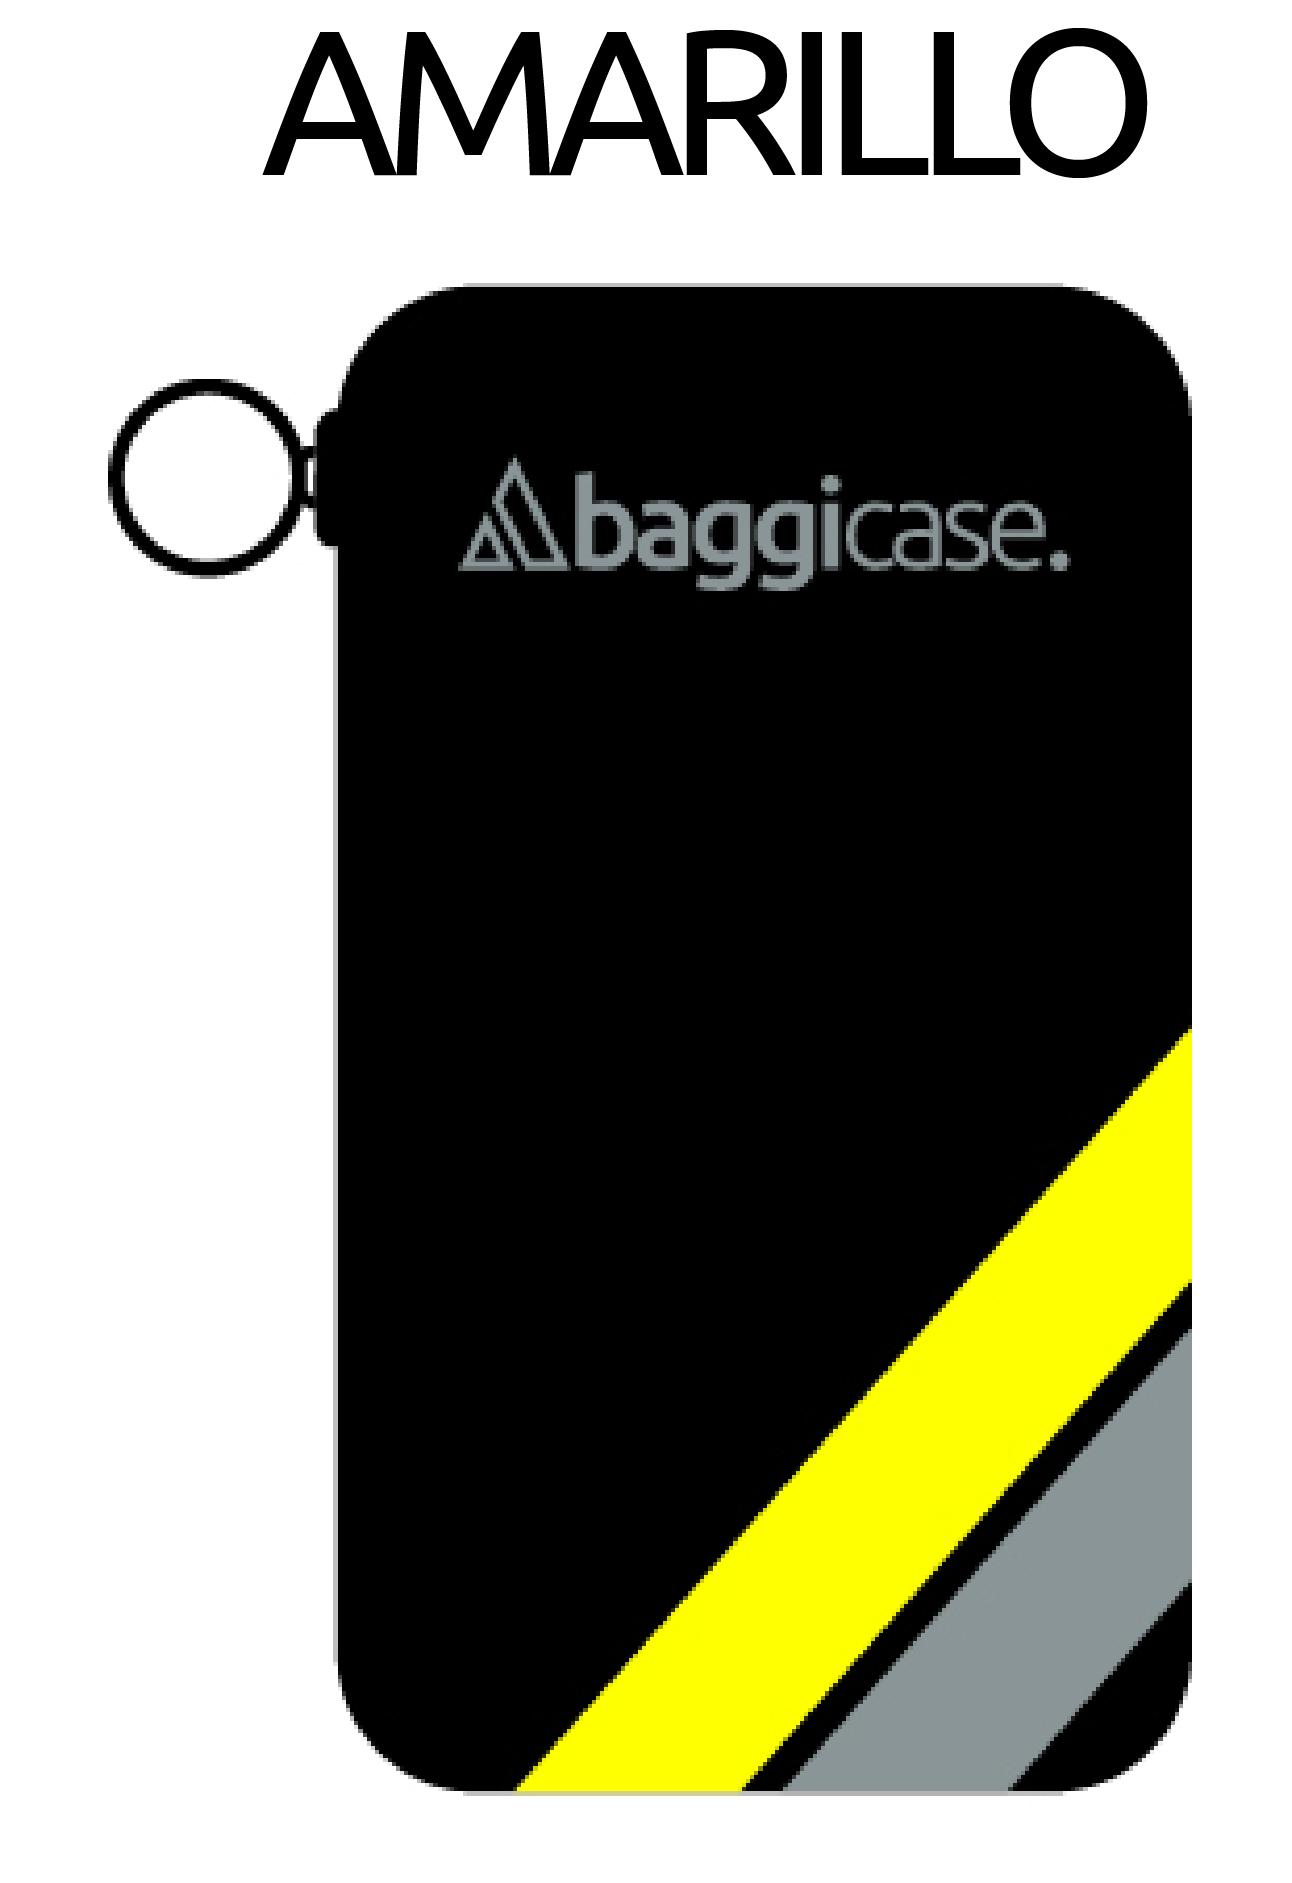 imagen-baggicase-amarilla